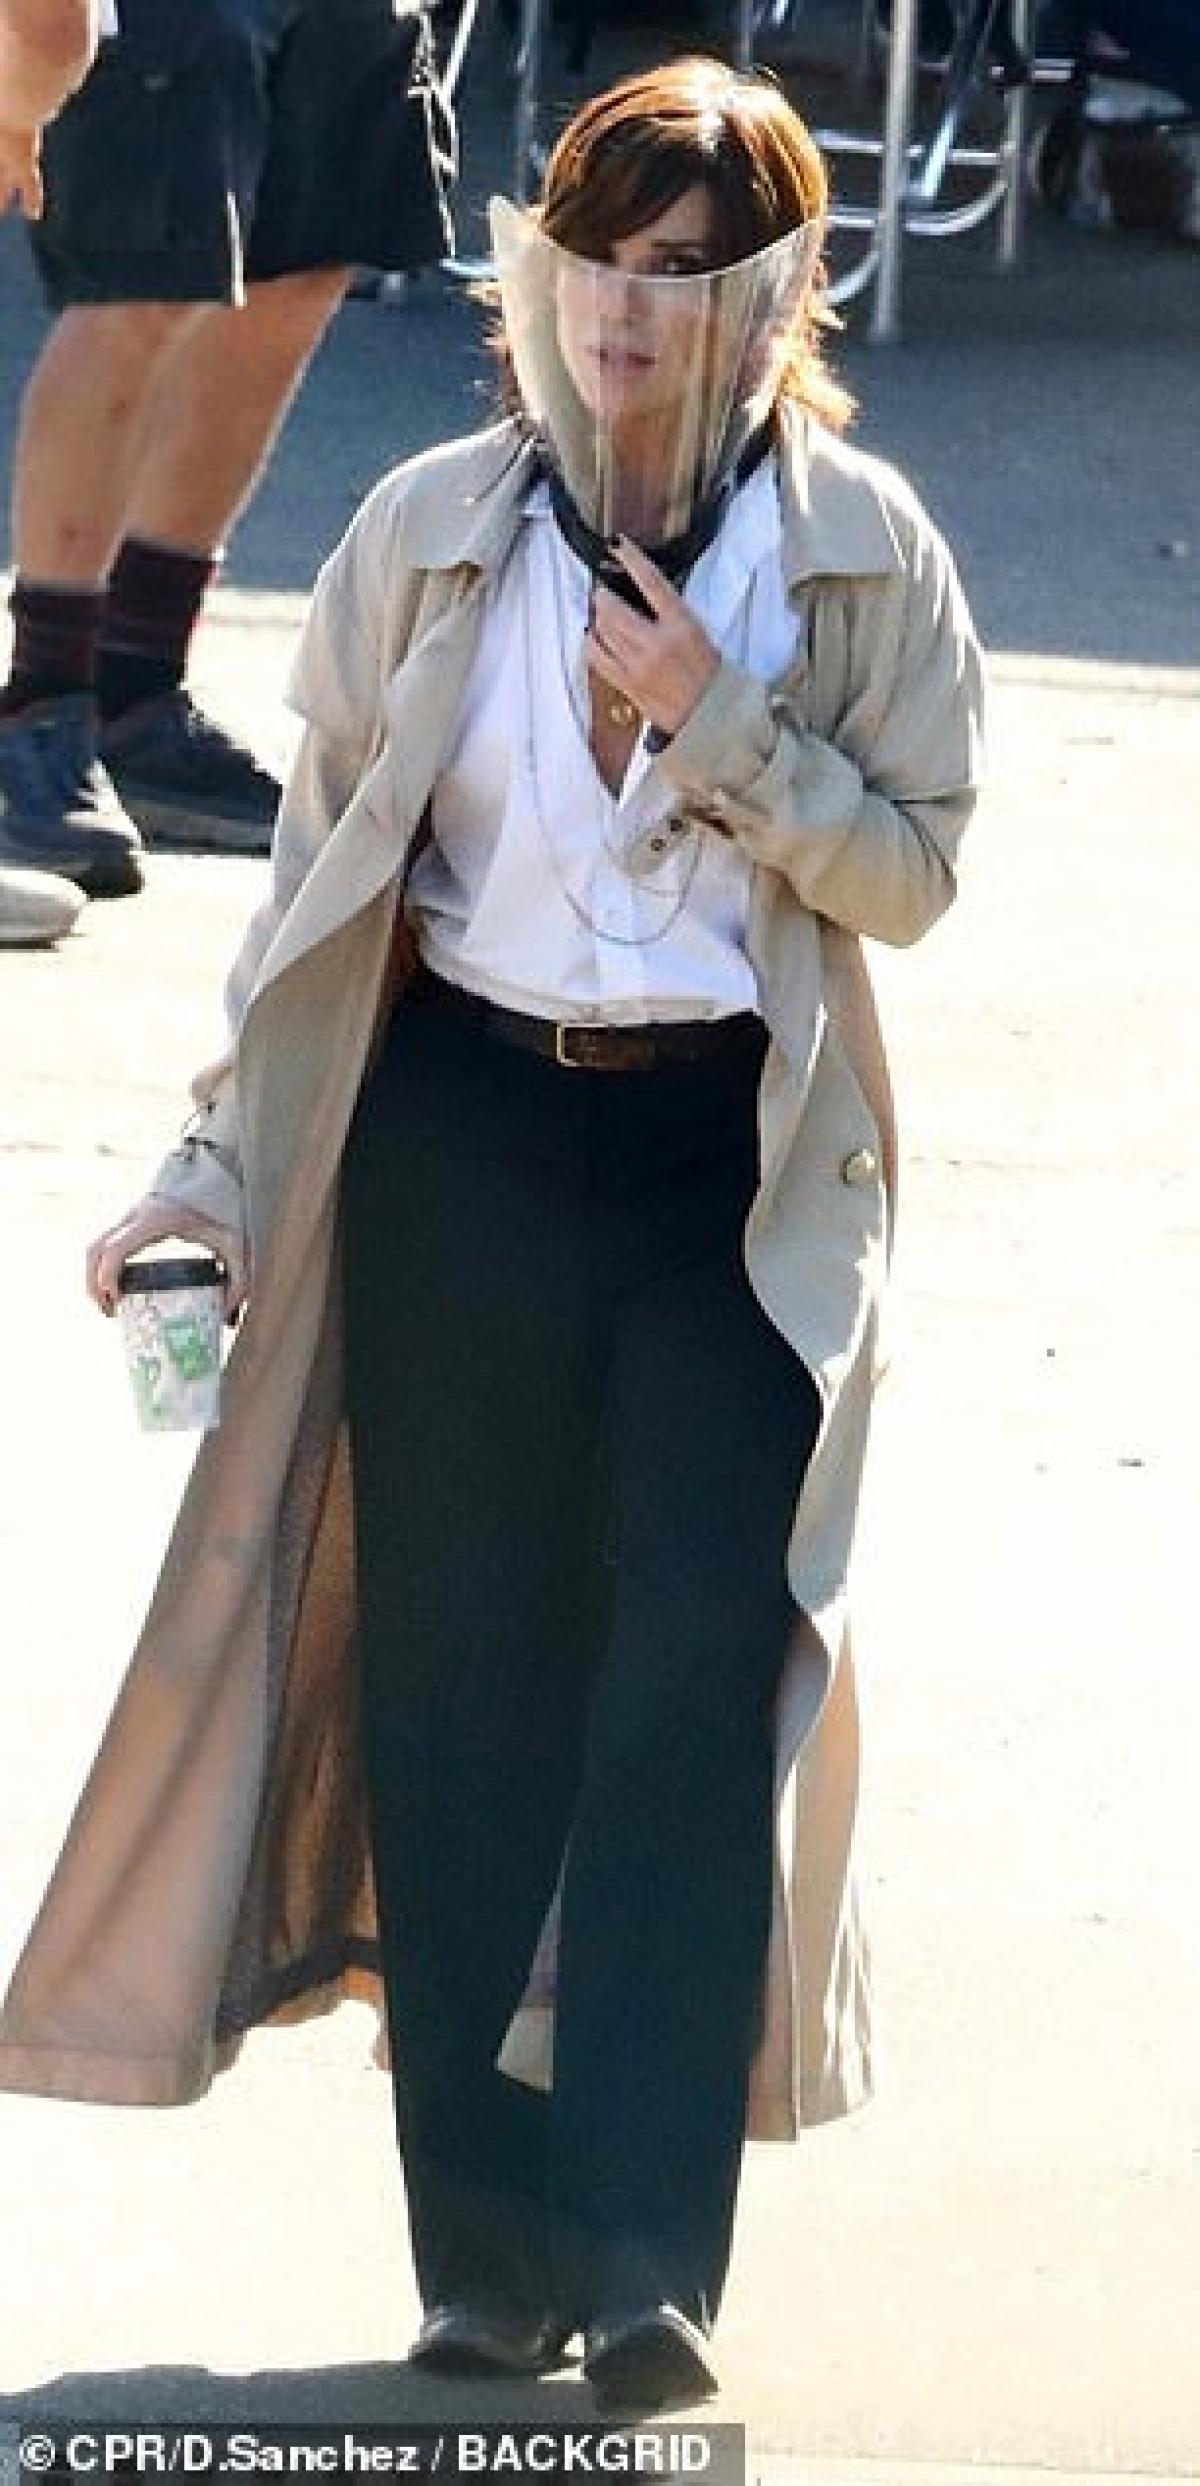 """Ngoài những lúc ghi hình, cả Brad Pitt và Sandra Bullock đều đeo mặt nạ để phòng chống dịch bệnh. Bộ phim """"Bullet Train"""" dự kiến có sự góp mặt của các ngôi sao Aaron Taylor-Johnson, Michael Shannon, Bad Bunny, Brian Tyree Henry và cả Lady Gaga./."""